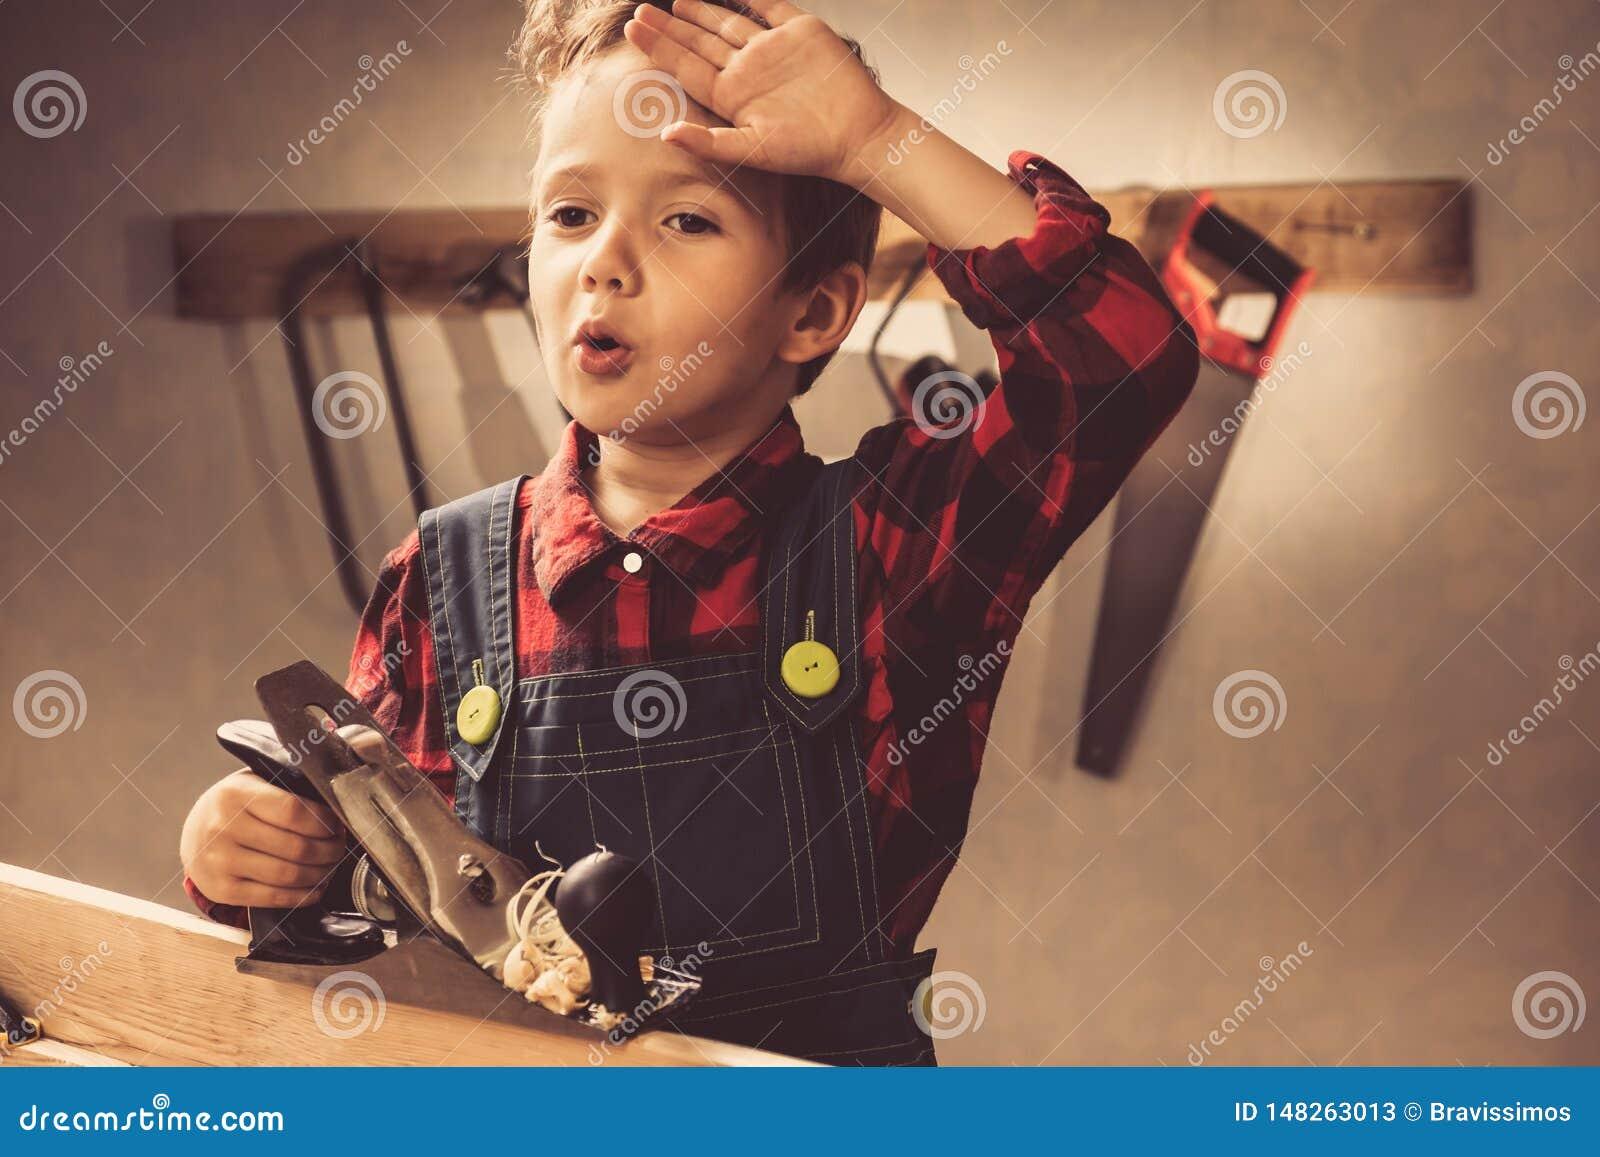 Концепция дня отцов ребенка, инструмент плотника, человек